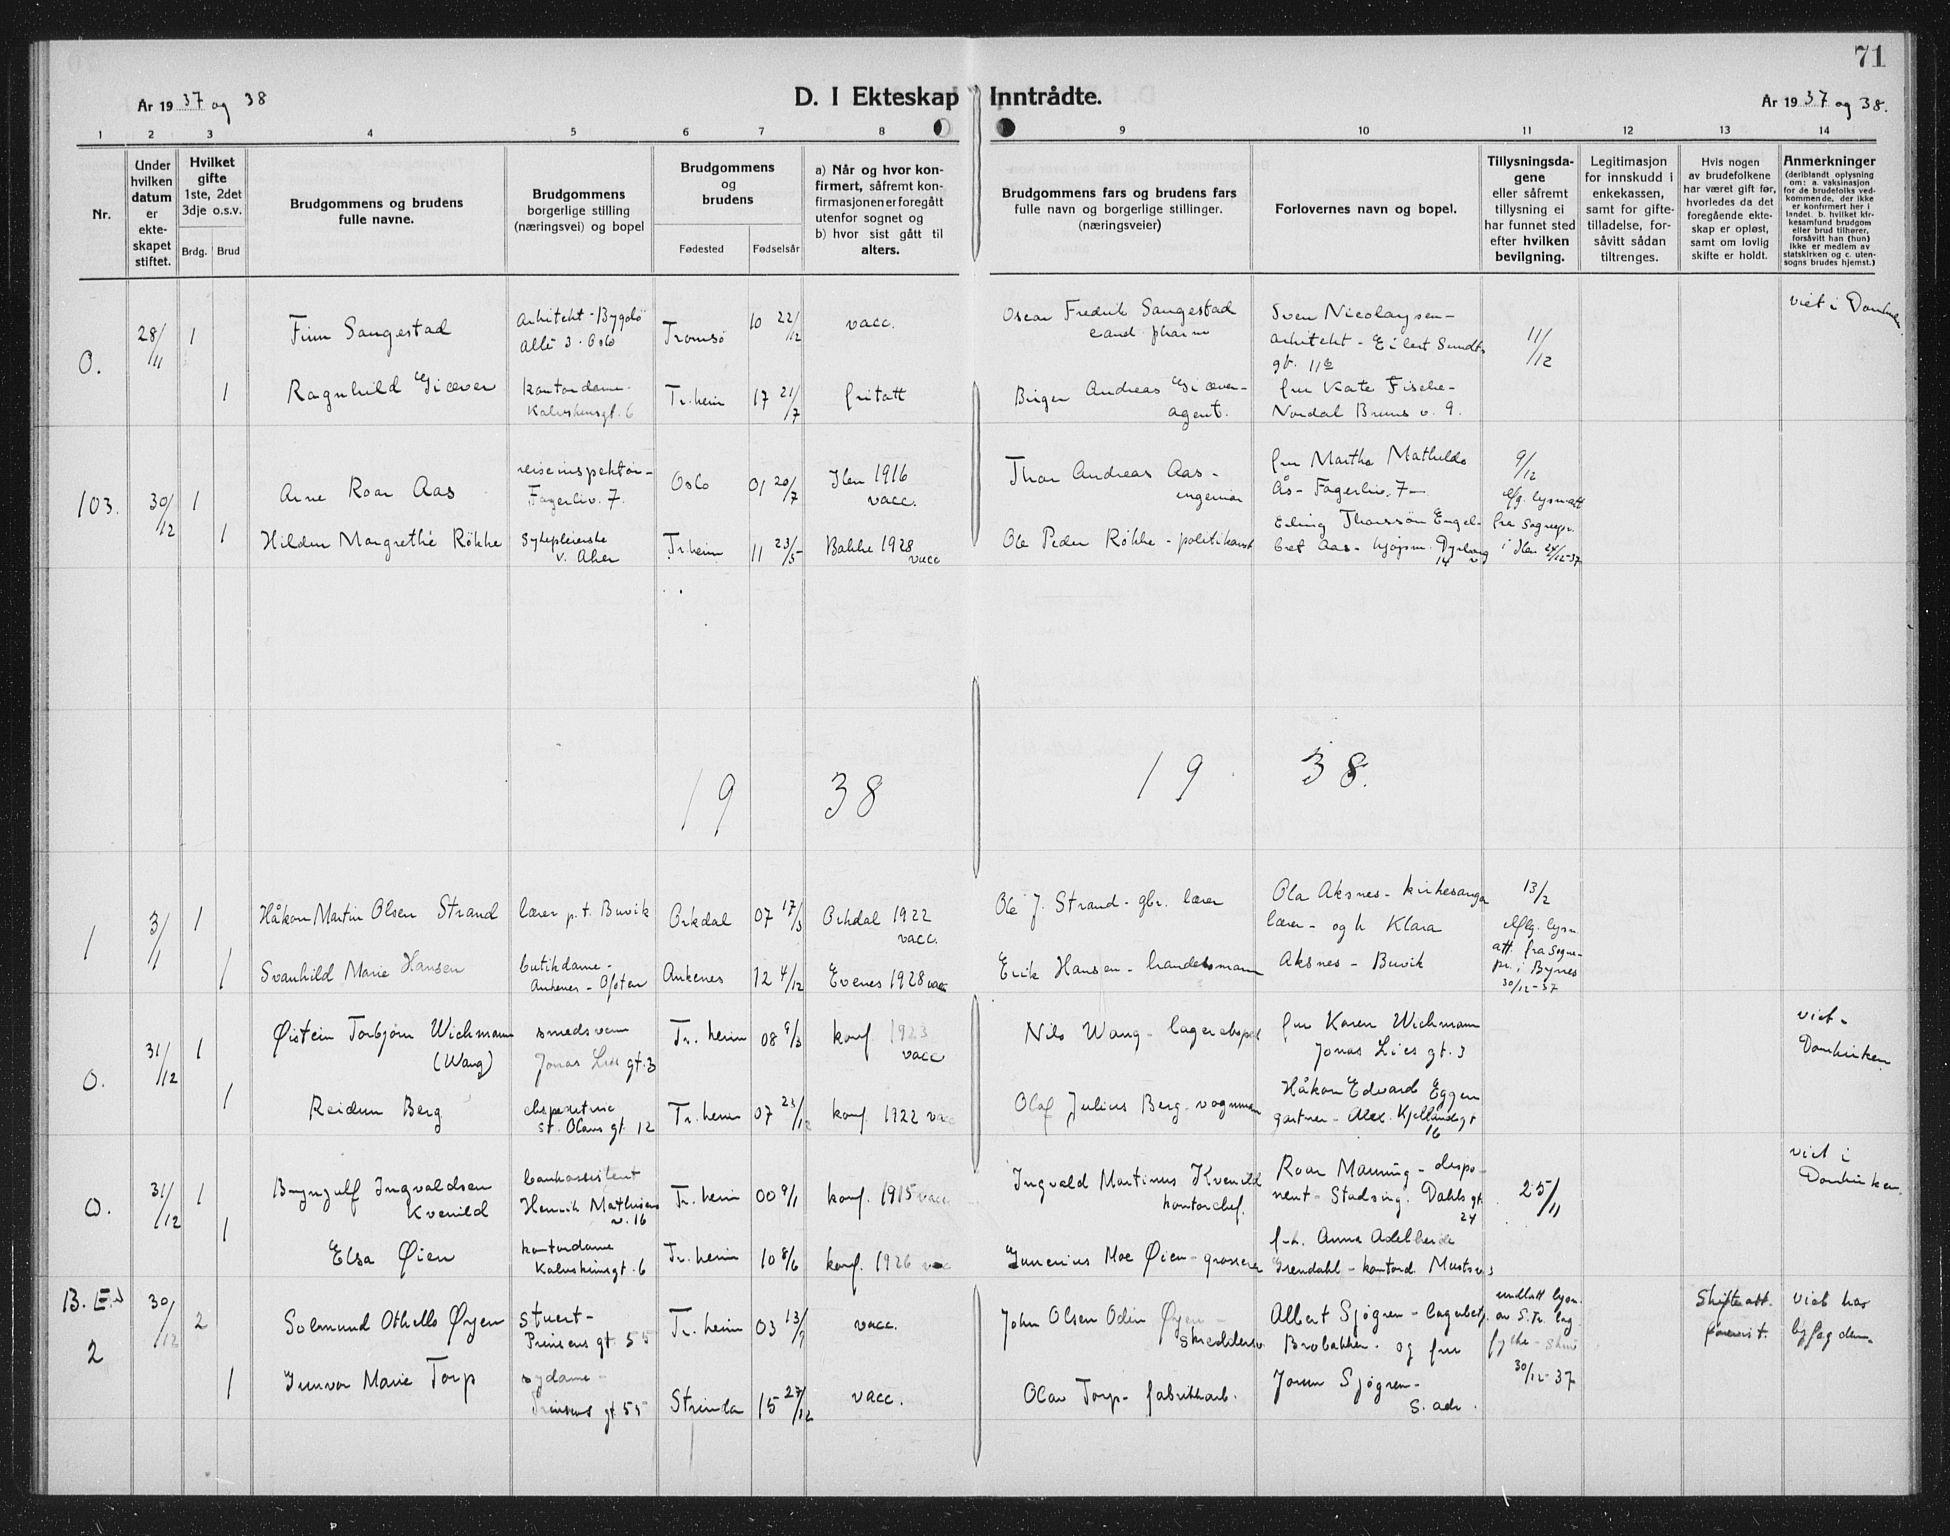 SAT, Ministerialprotokoller, klokkerbøker og fødselsregistre - Sør-Trøndelag, 602/L0152: Klokkerbok nr. 602C20, 1933-1940, s. 71